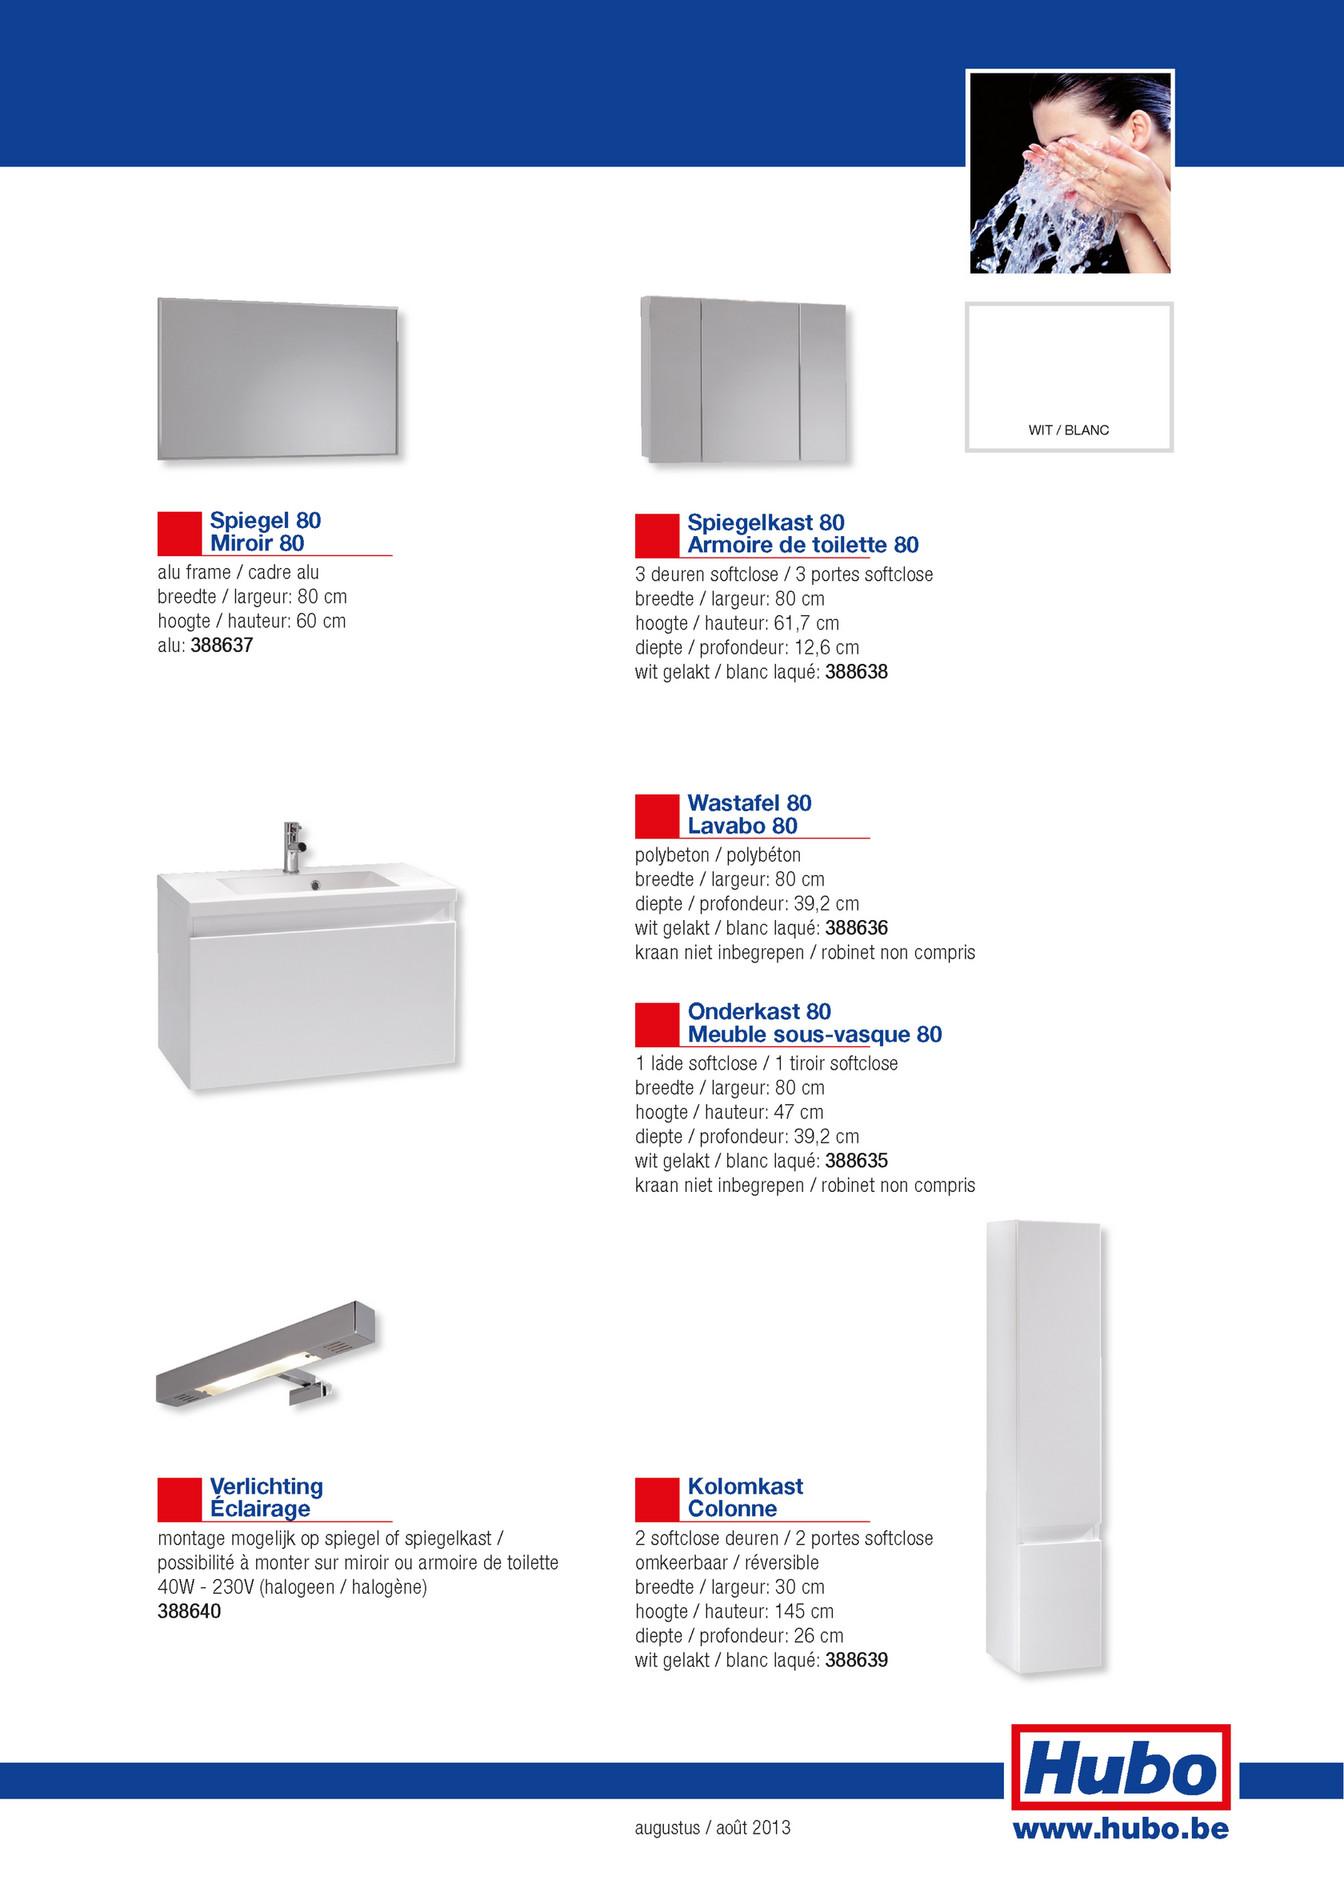 Hauteur Armoire De Toilette hubo catalogue - meuble de salle de bains element - page 2-3